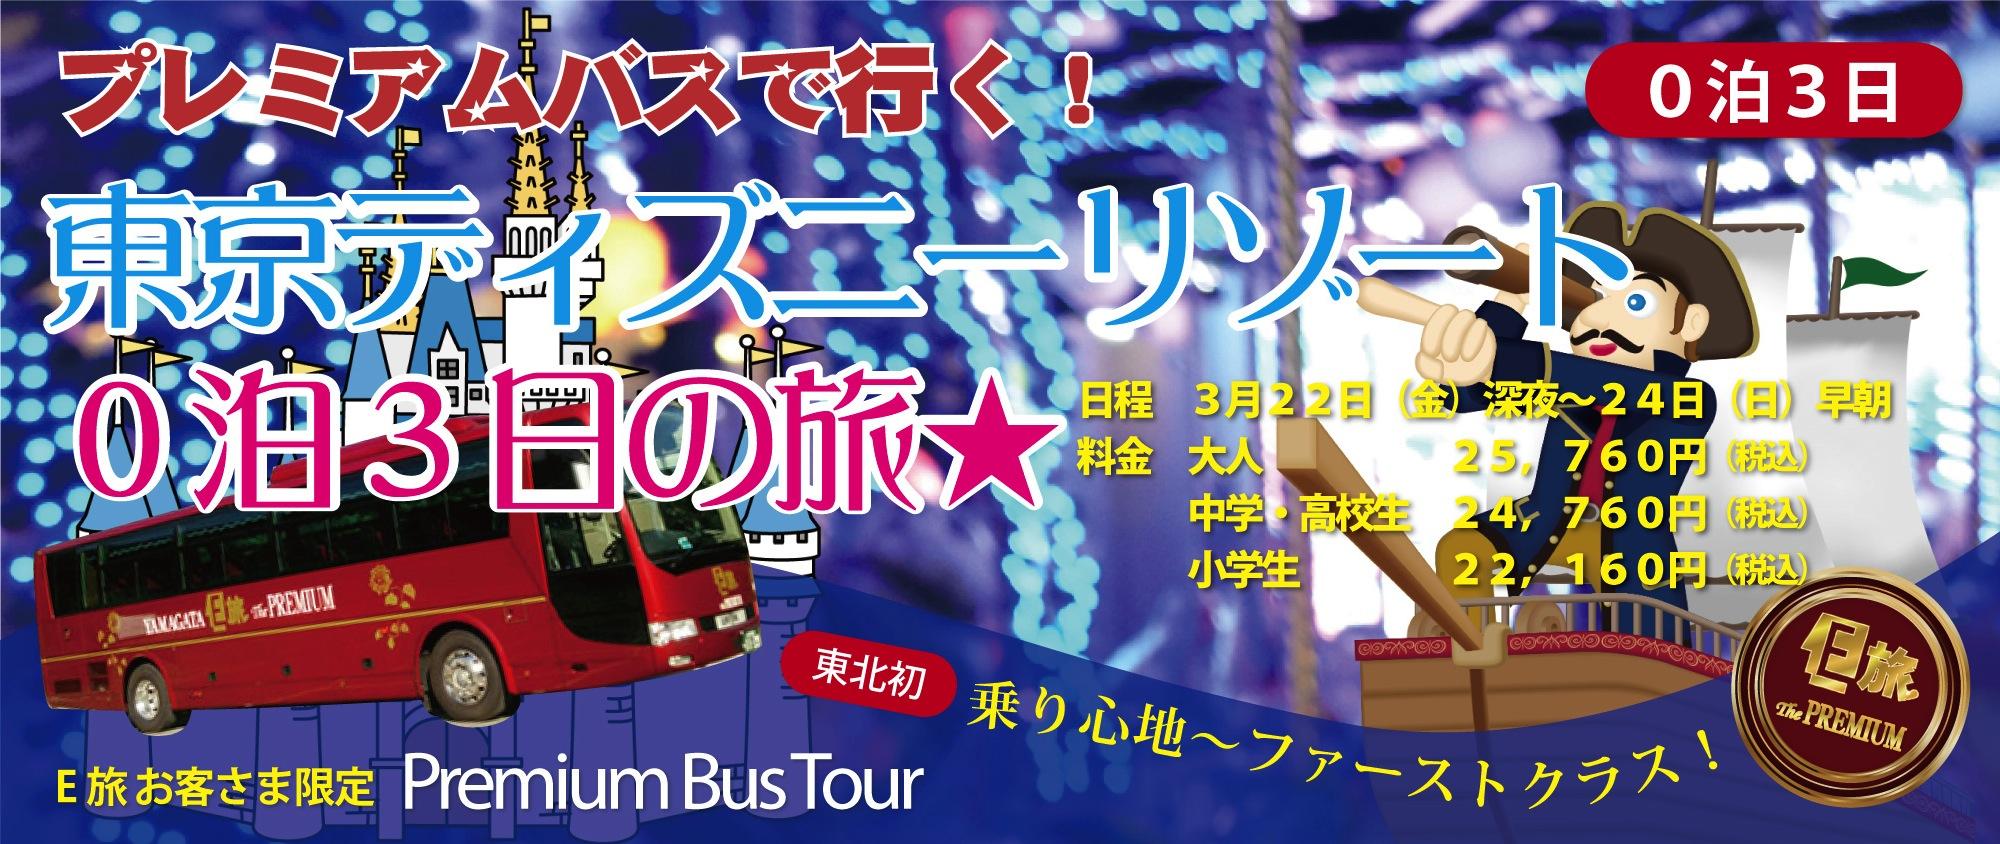 プレミアムバスで行く!東京ディズニーリゾート0泊3日の旅★3月22日